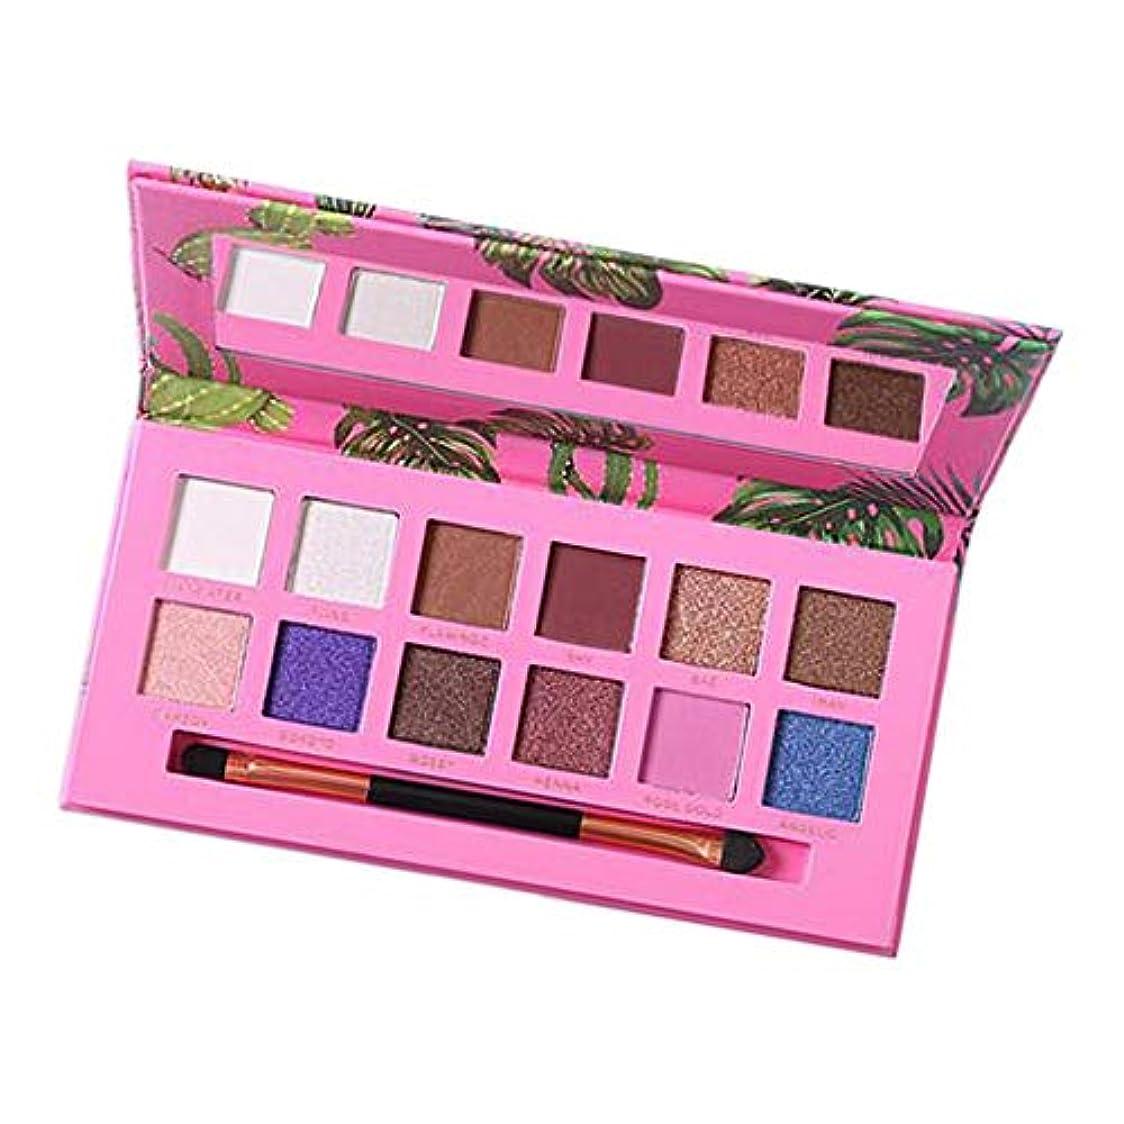 豊かにする守る笑アイメイク アイシャドウ パレット マット 12色 高度着色 メイクアップ 全2色 - ピンク